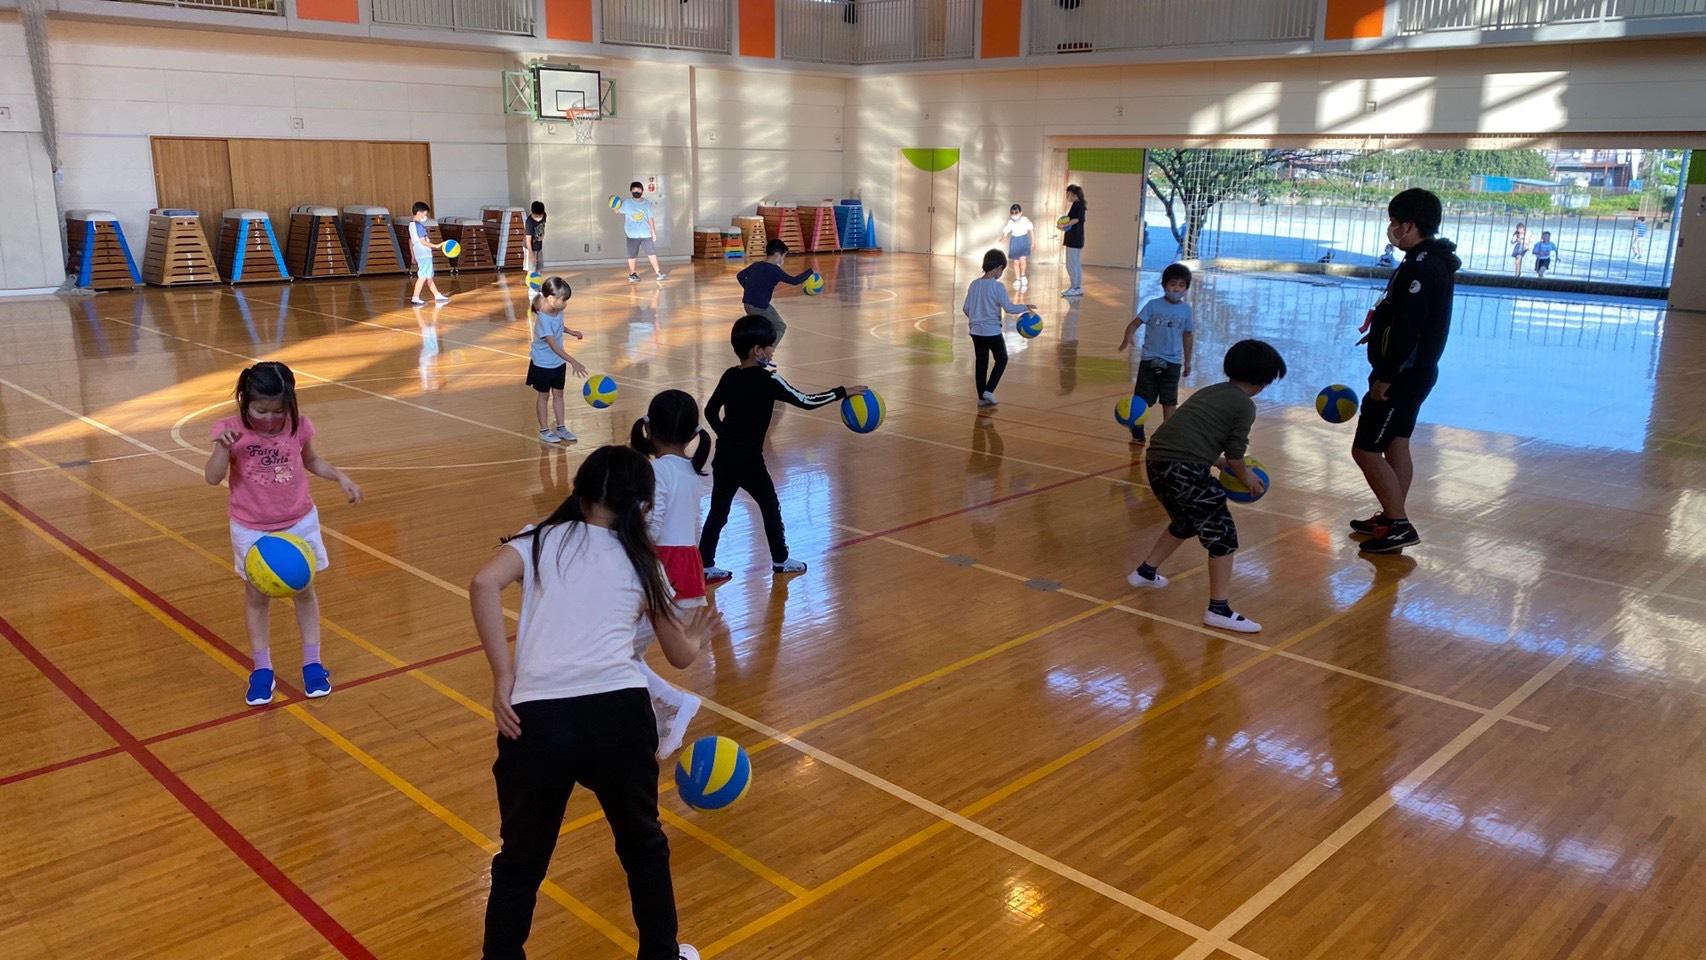 ボールを使った運動教室